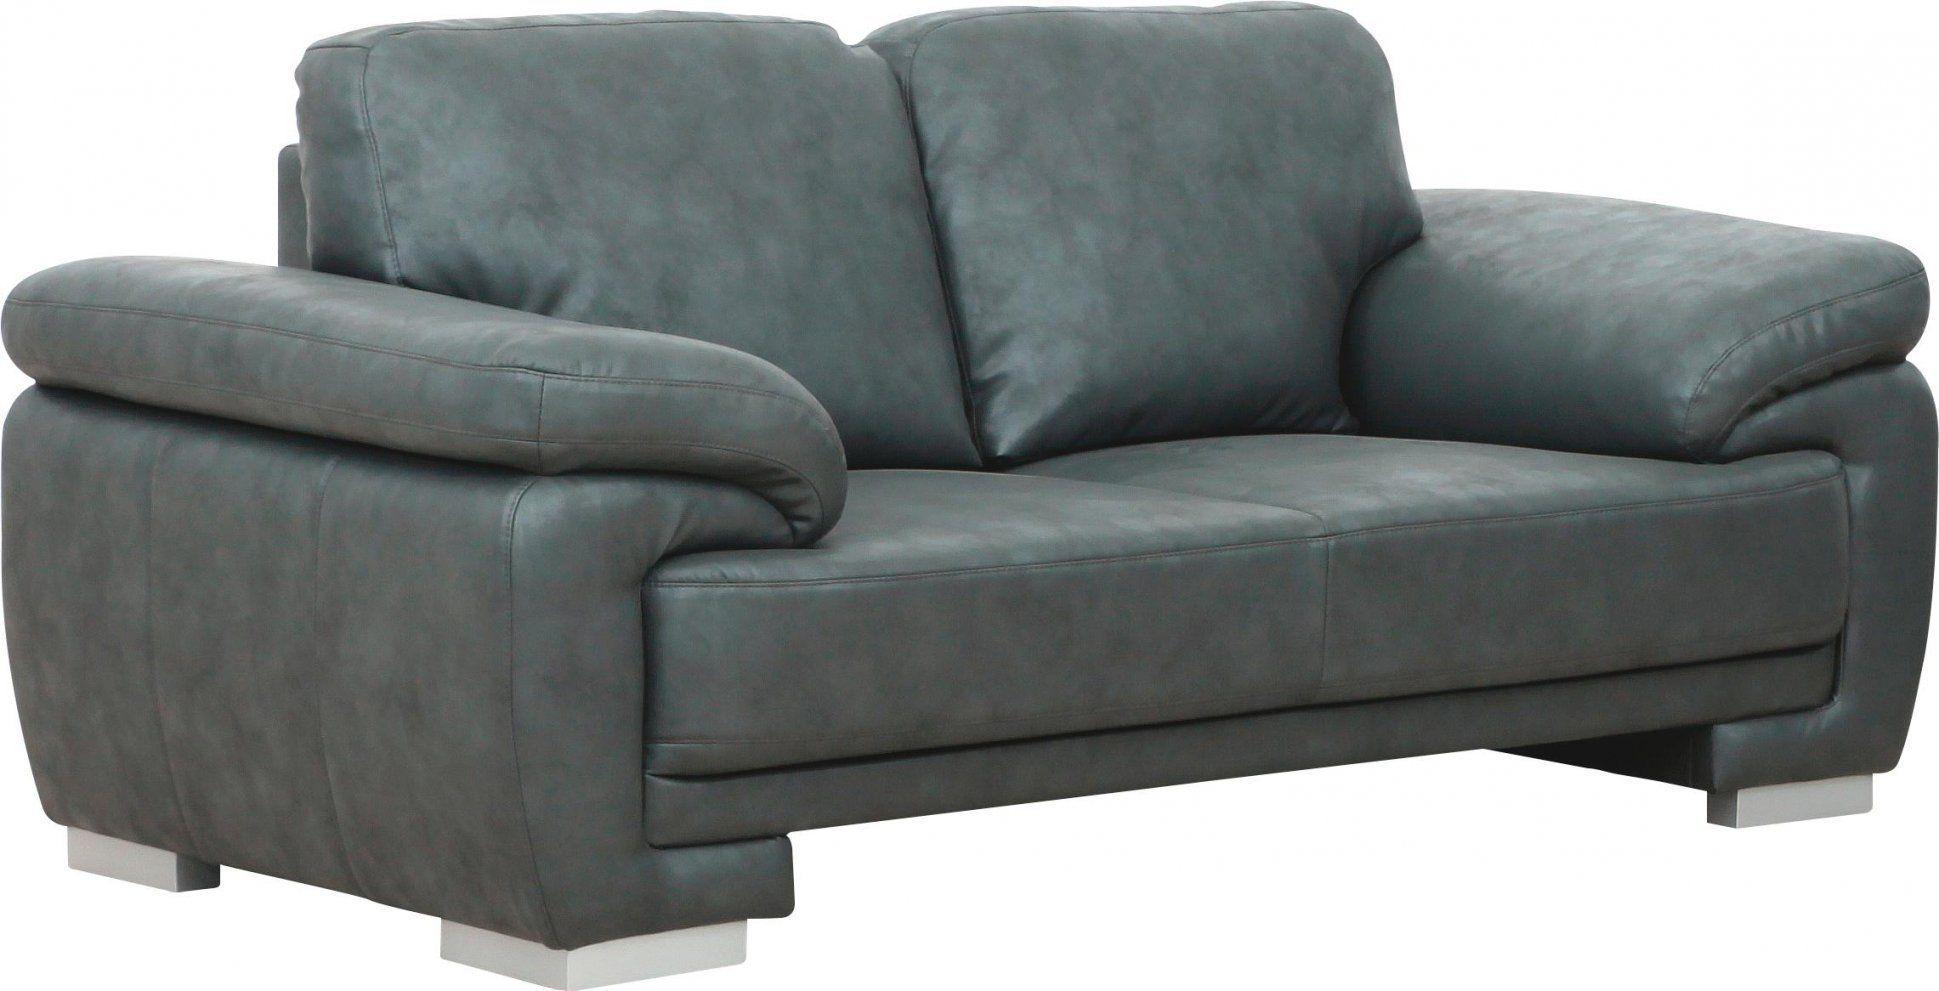 2 Sitzer Sofa Poco Sofa 3er Sofa Couch Mobel